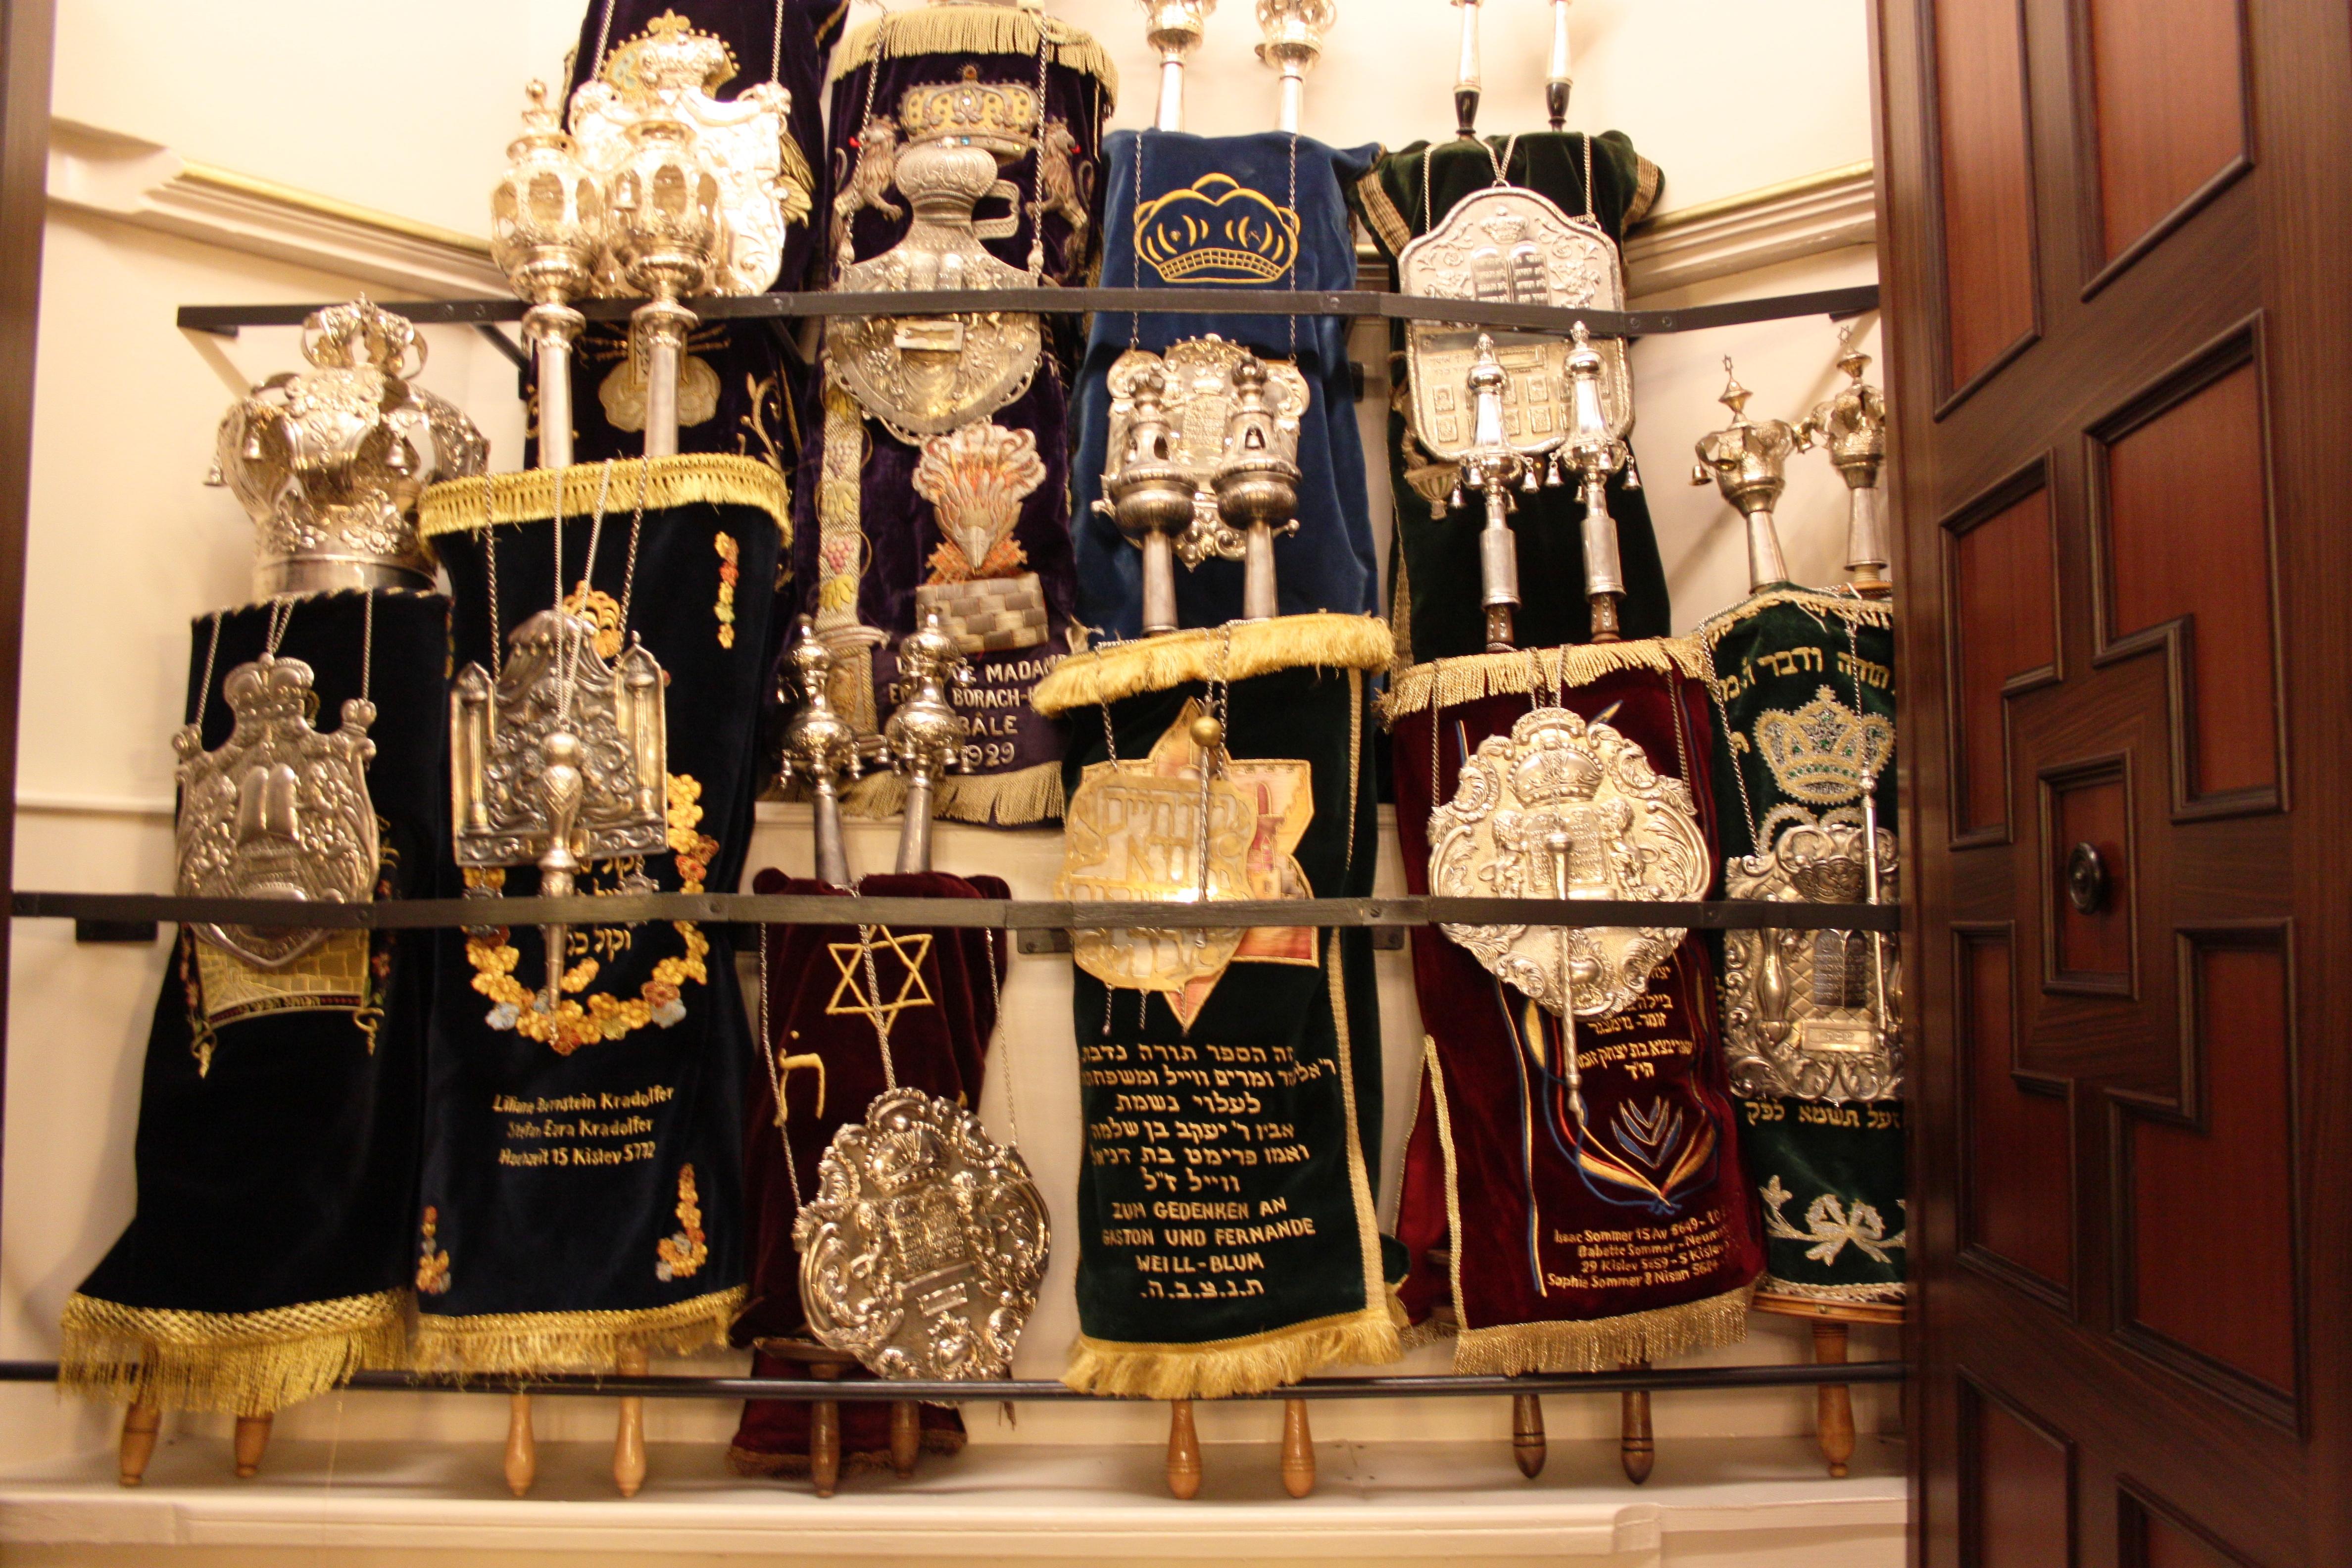 In einem verschlossenen Schrank an der Kofpseite der Synagoge befindet sich ein verschlossener Schrank, der die Schriftrollen der Torah enthält.